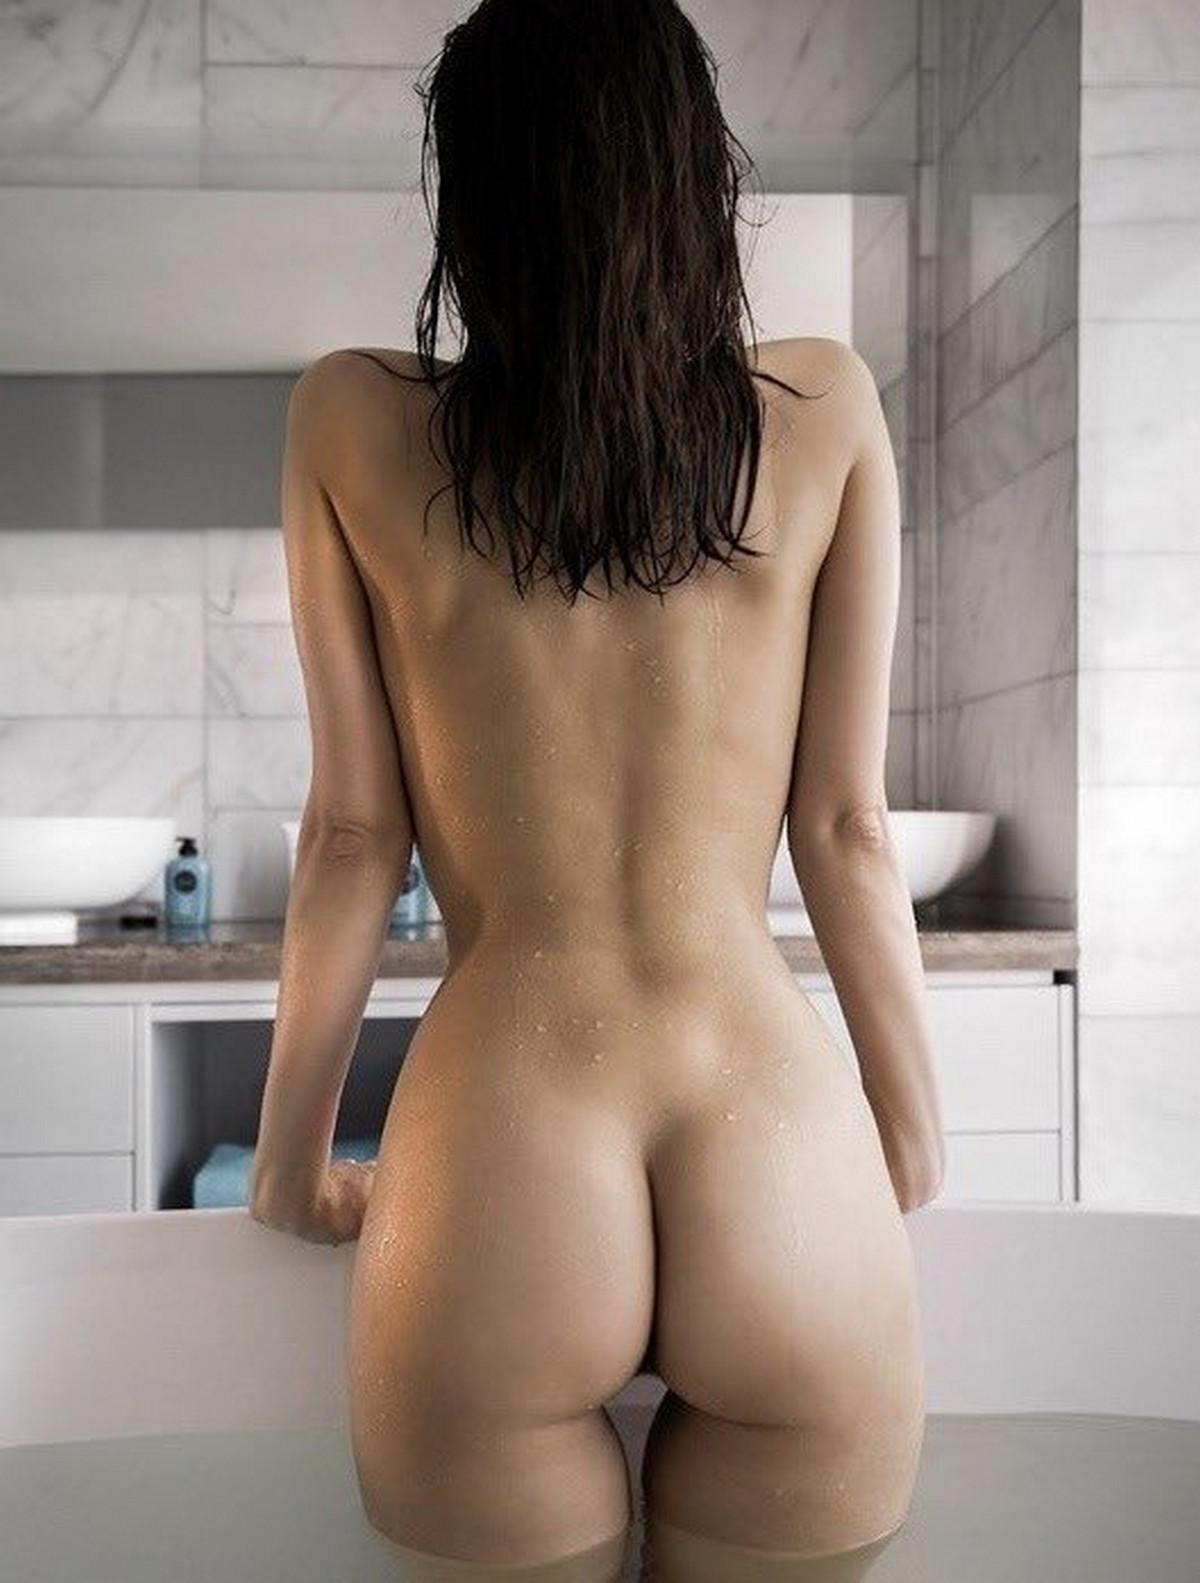 sexy girls sexyphotos ass boobs tits amatuer tetas culas tias20